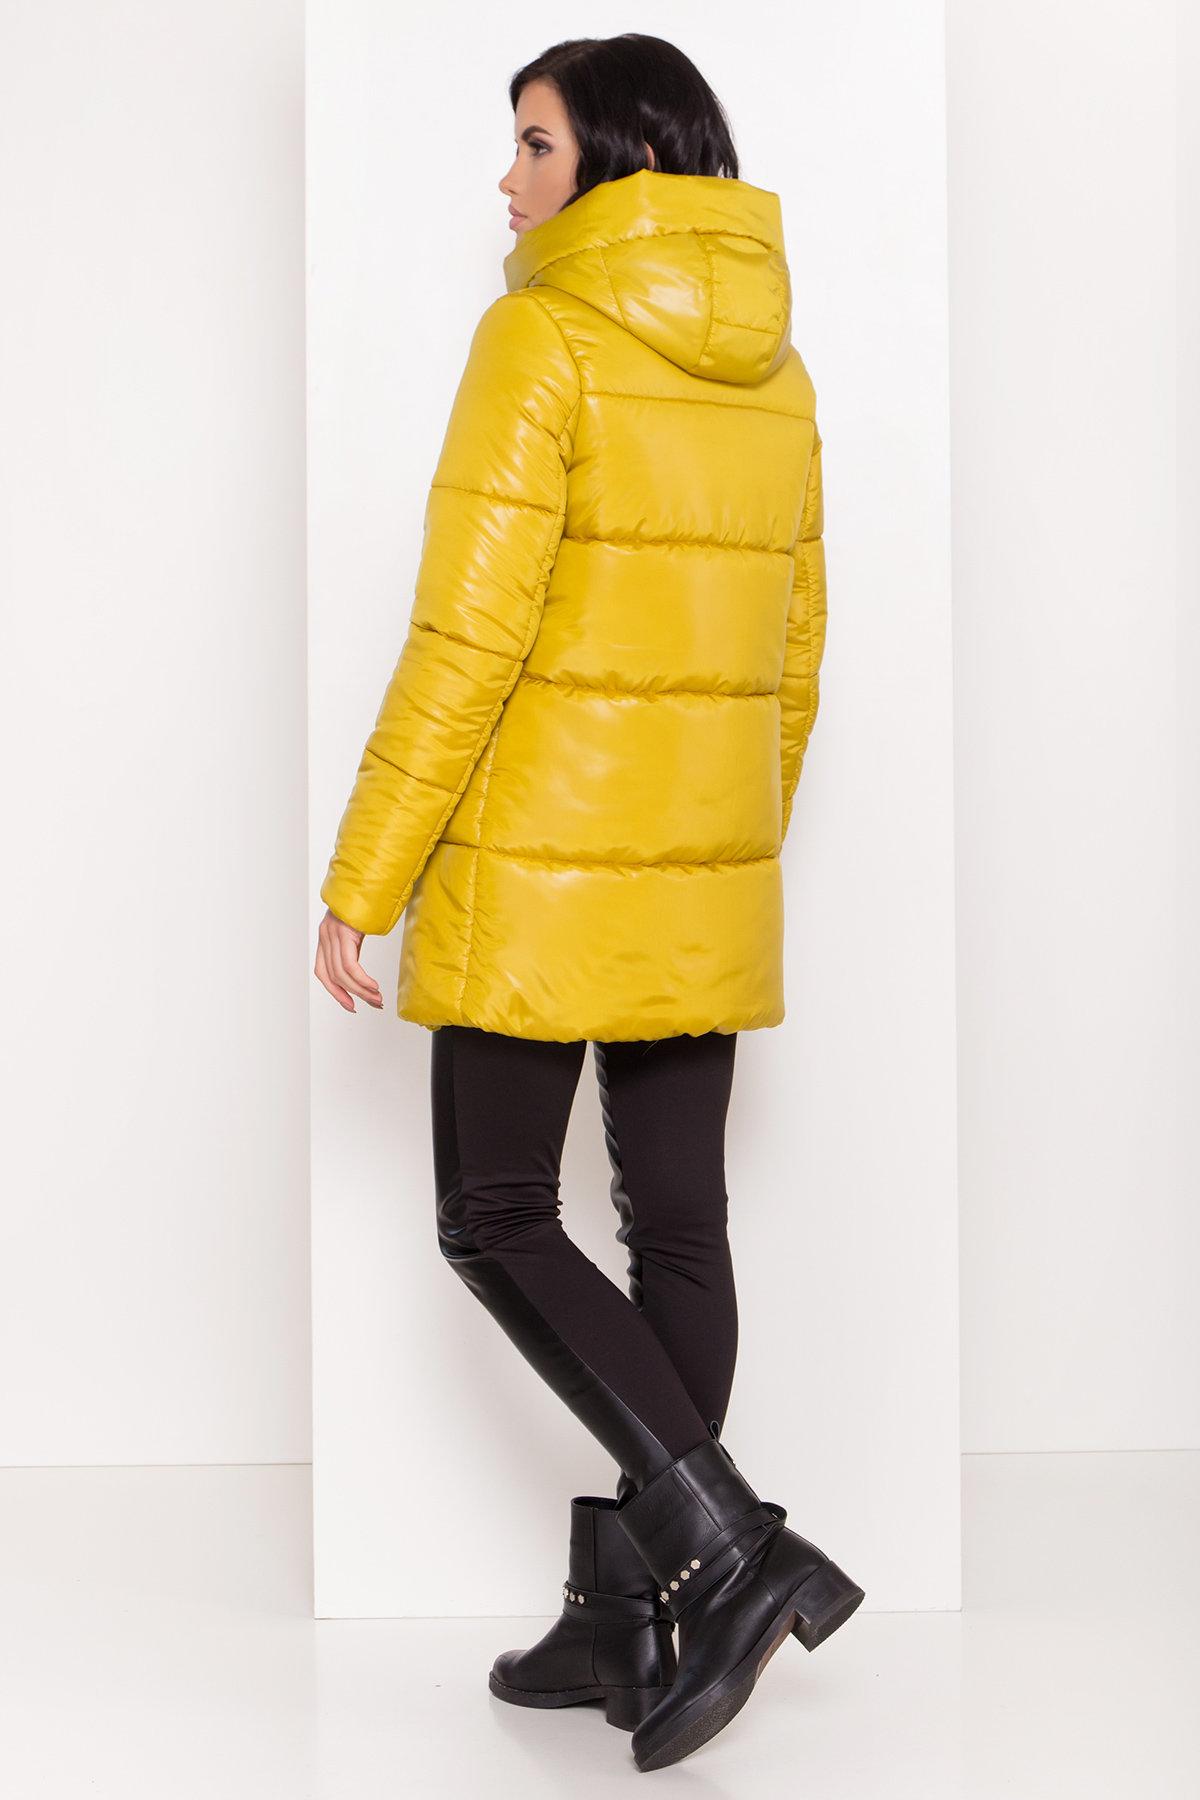 Женская зимняя куртка пуховик Техас Лаке 8238 АРТ. 44284 Цвет: Горчица - фото 3, интернет магазин tm-modus.ru